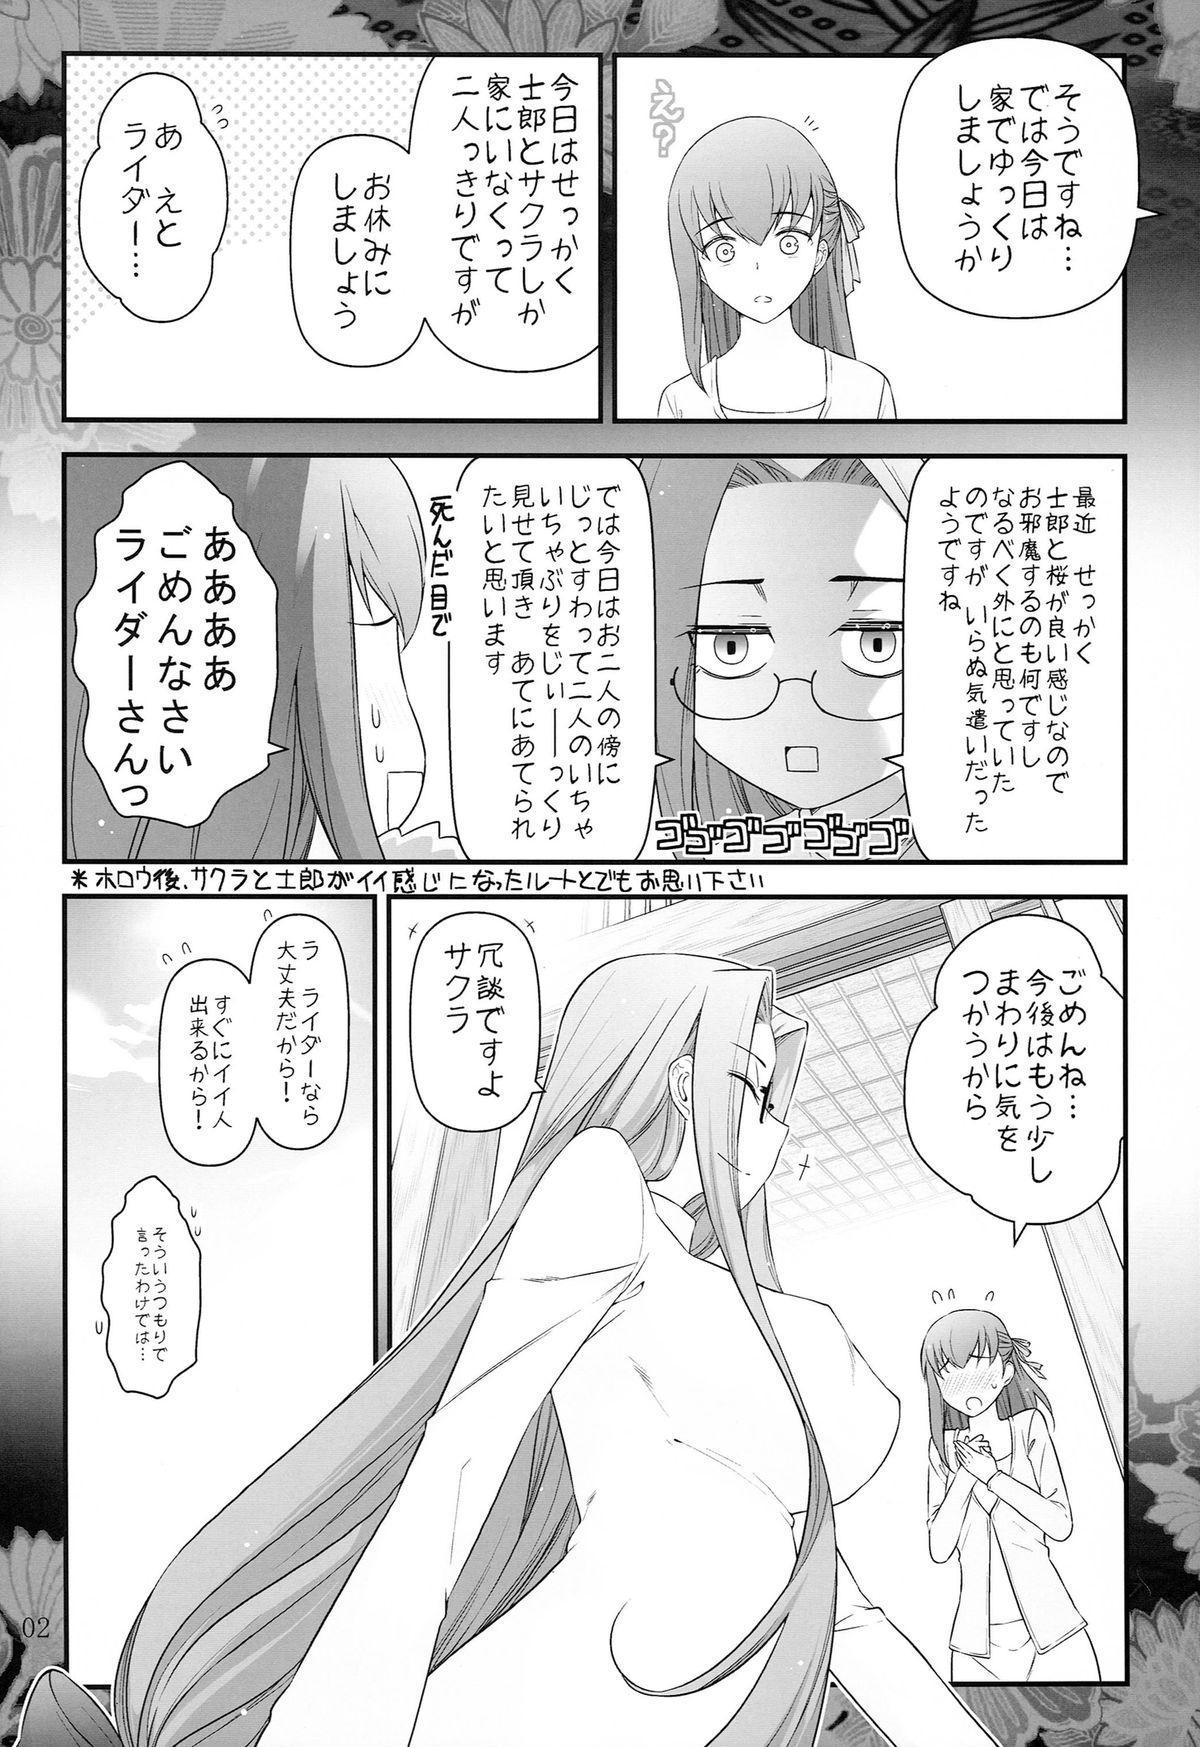 Fate/stay night Rider-san to Shounen no Nichijou 3